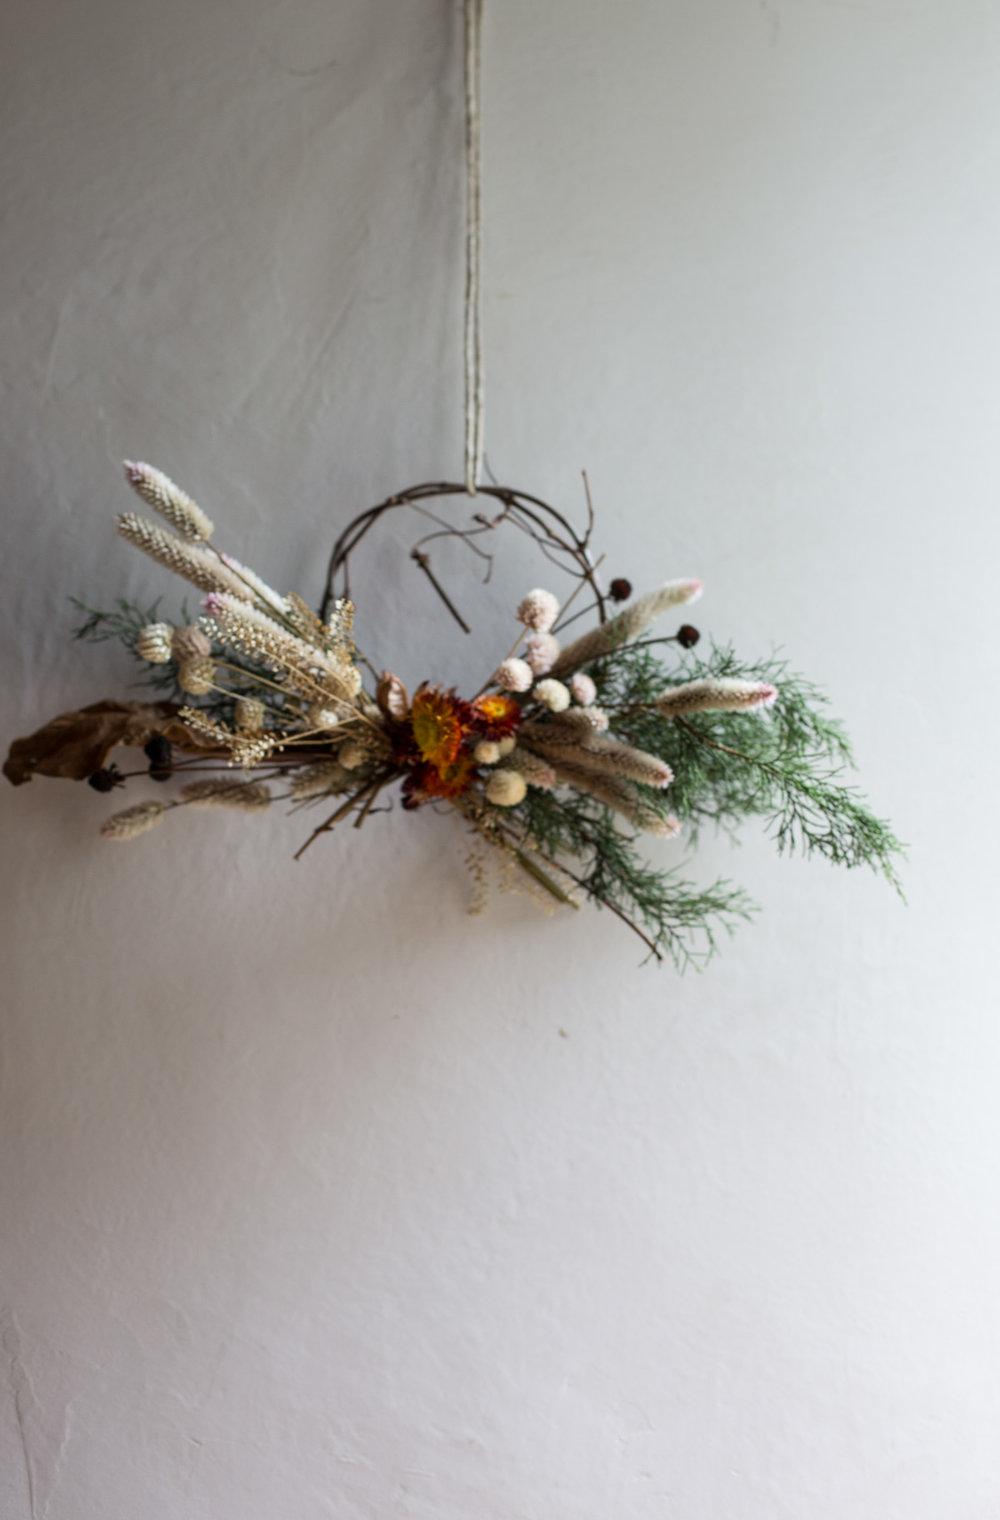 RA_dried wreaths-201612076644.jpg